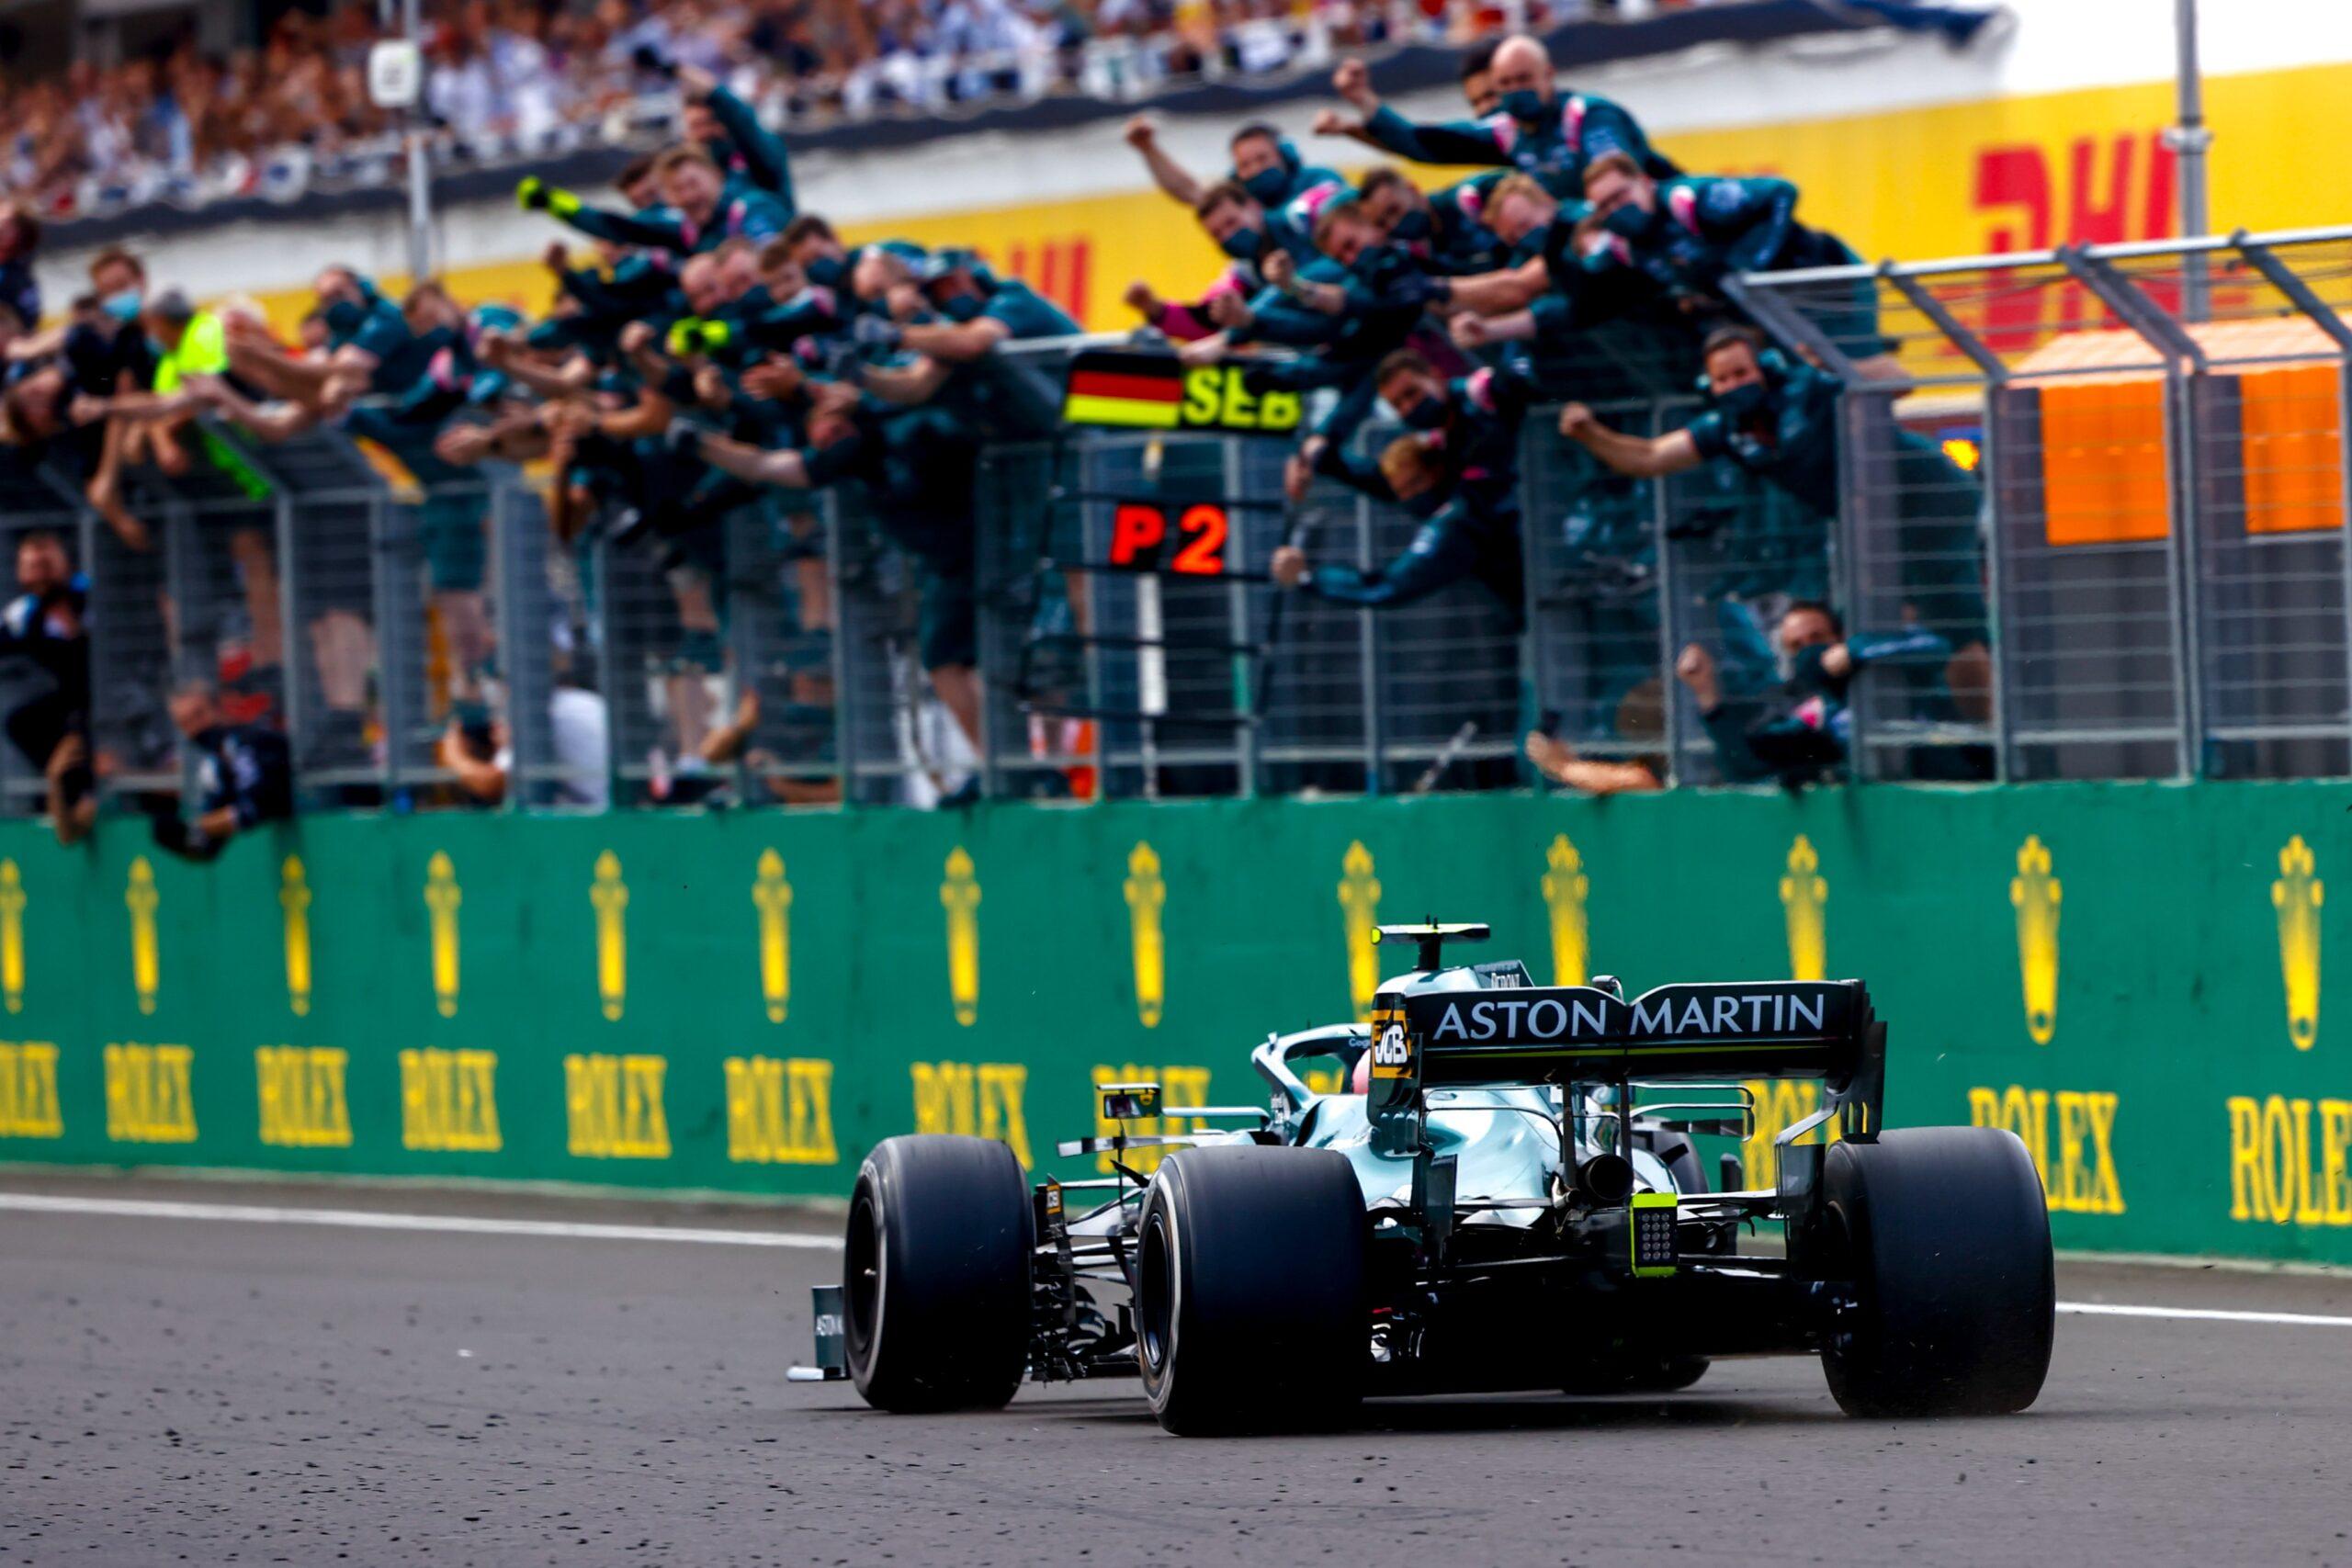 Sebastian Vettel squalificato dal Gp d'Ungheria, Sainz a podio.